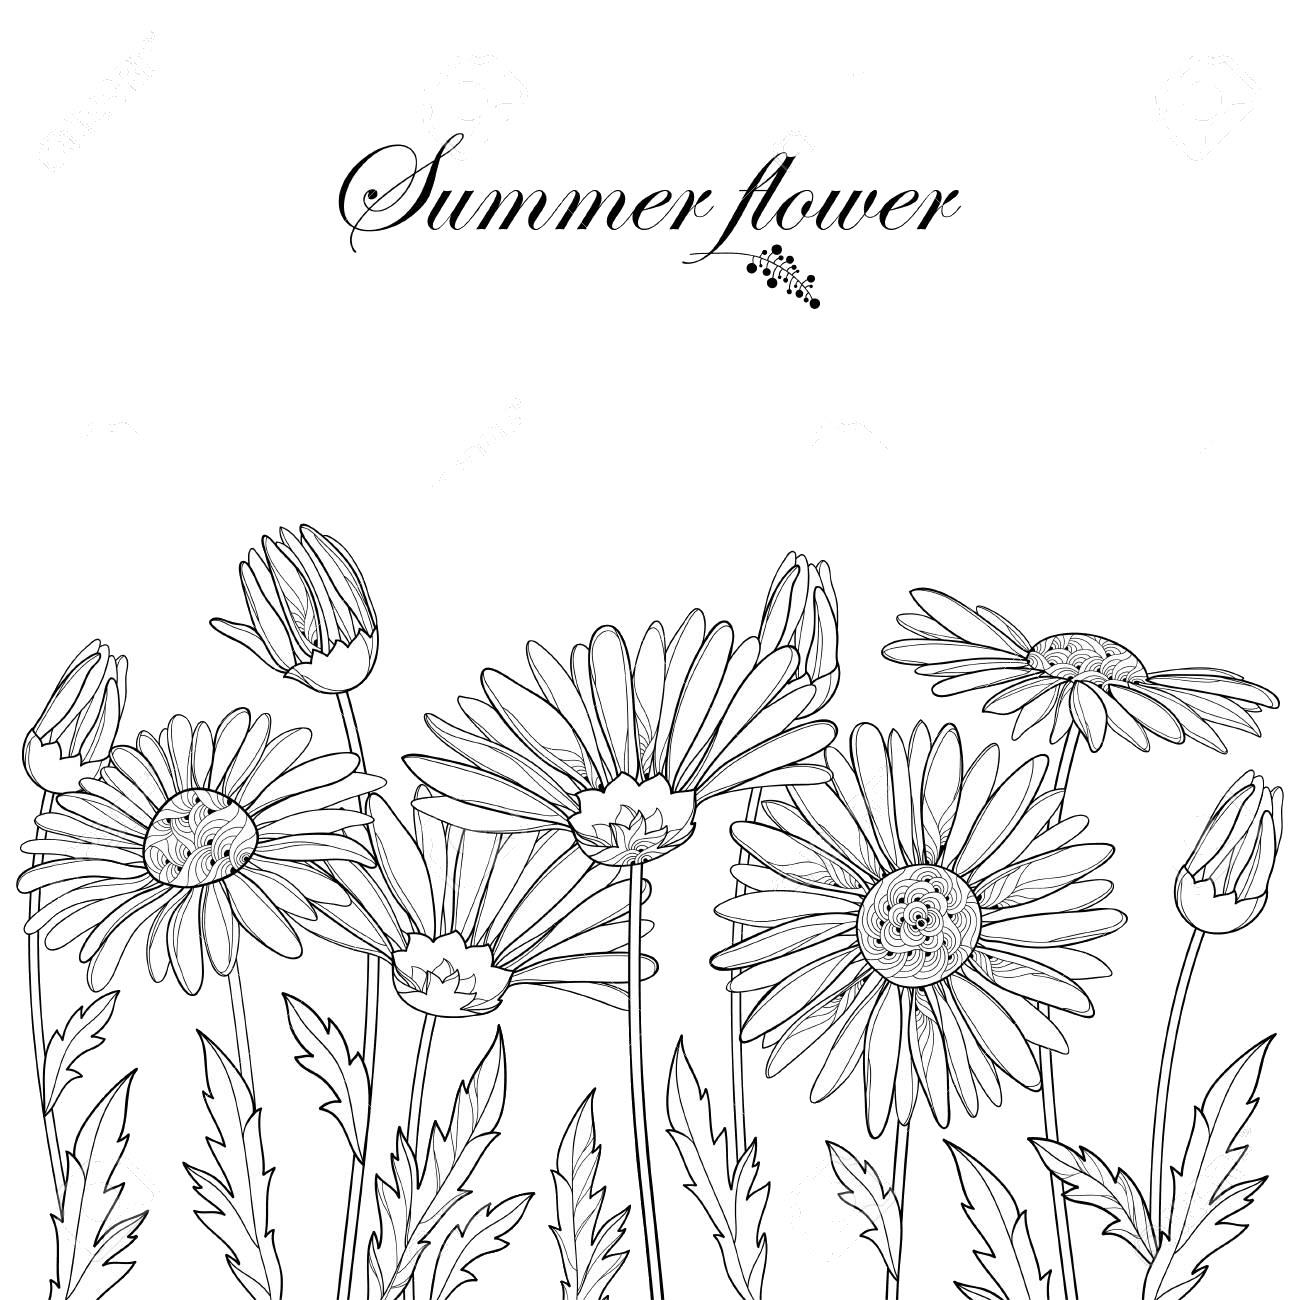 Tranh tô màu vườn hoa cúc mùa hừ